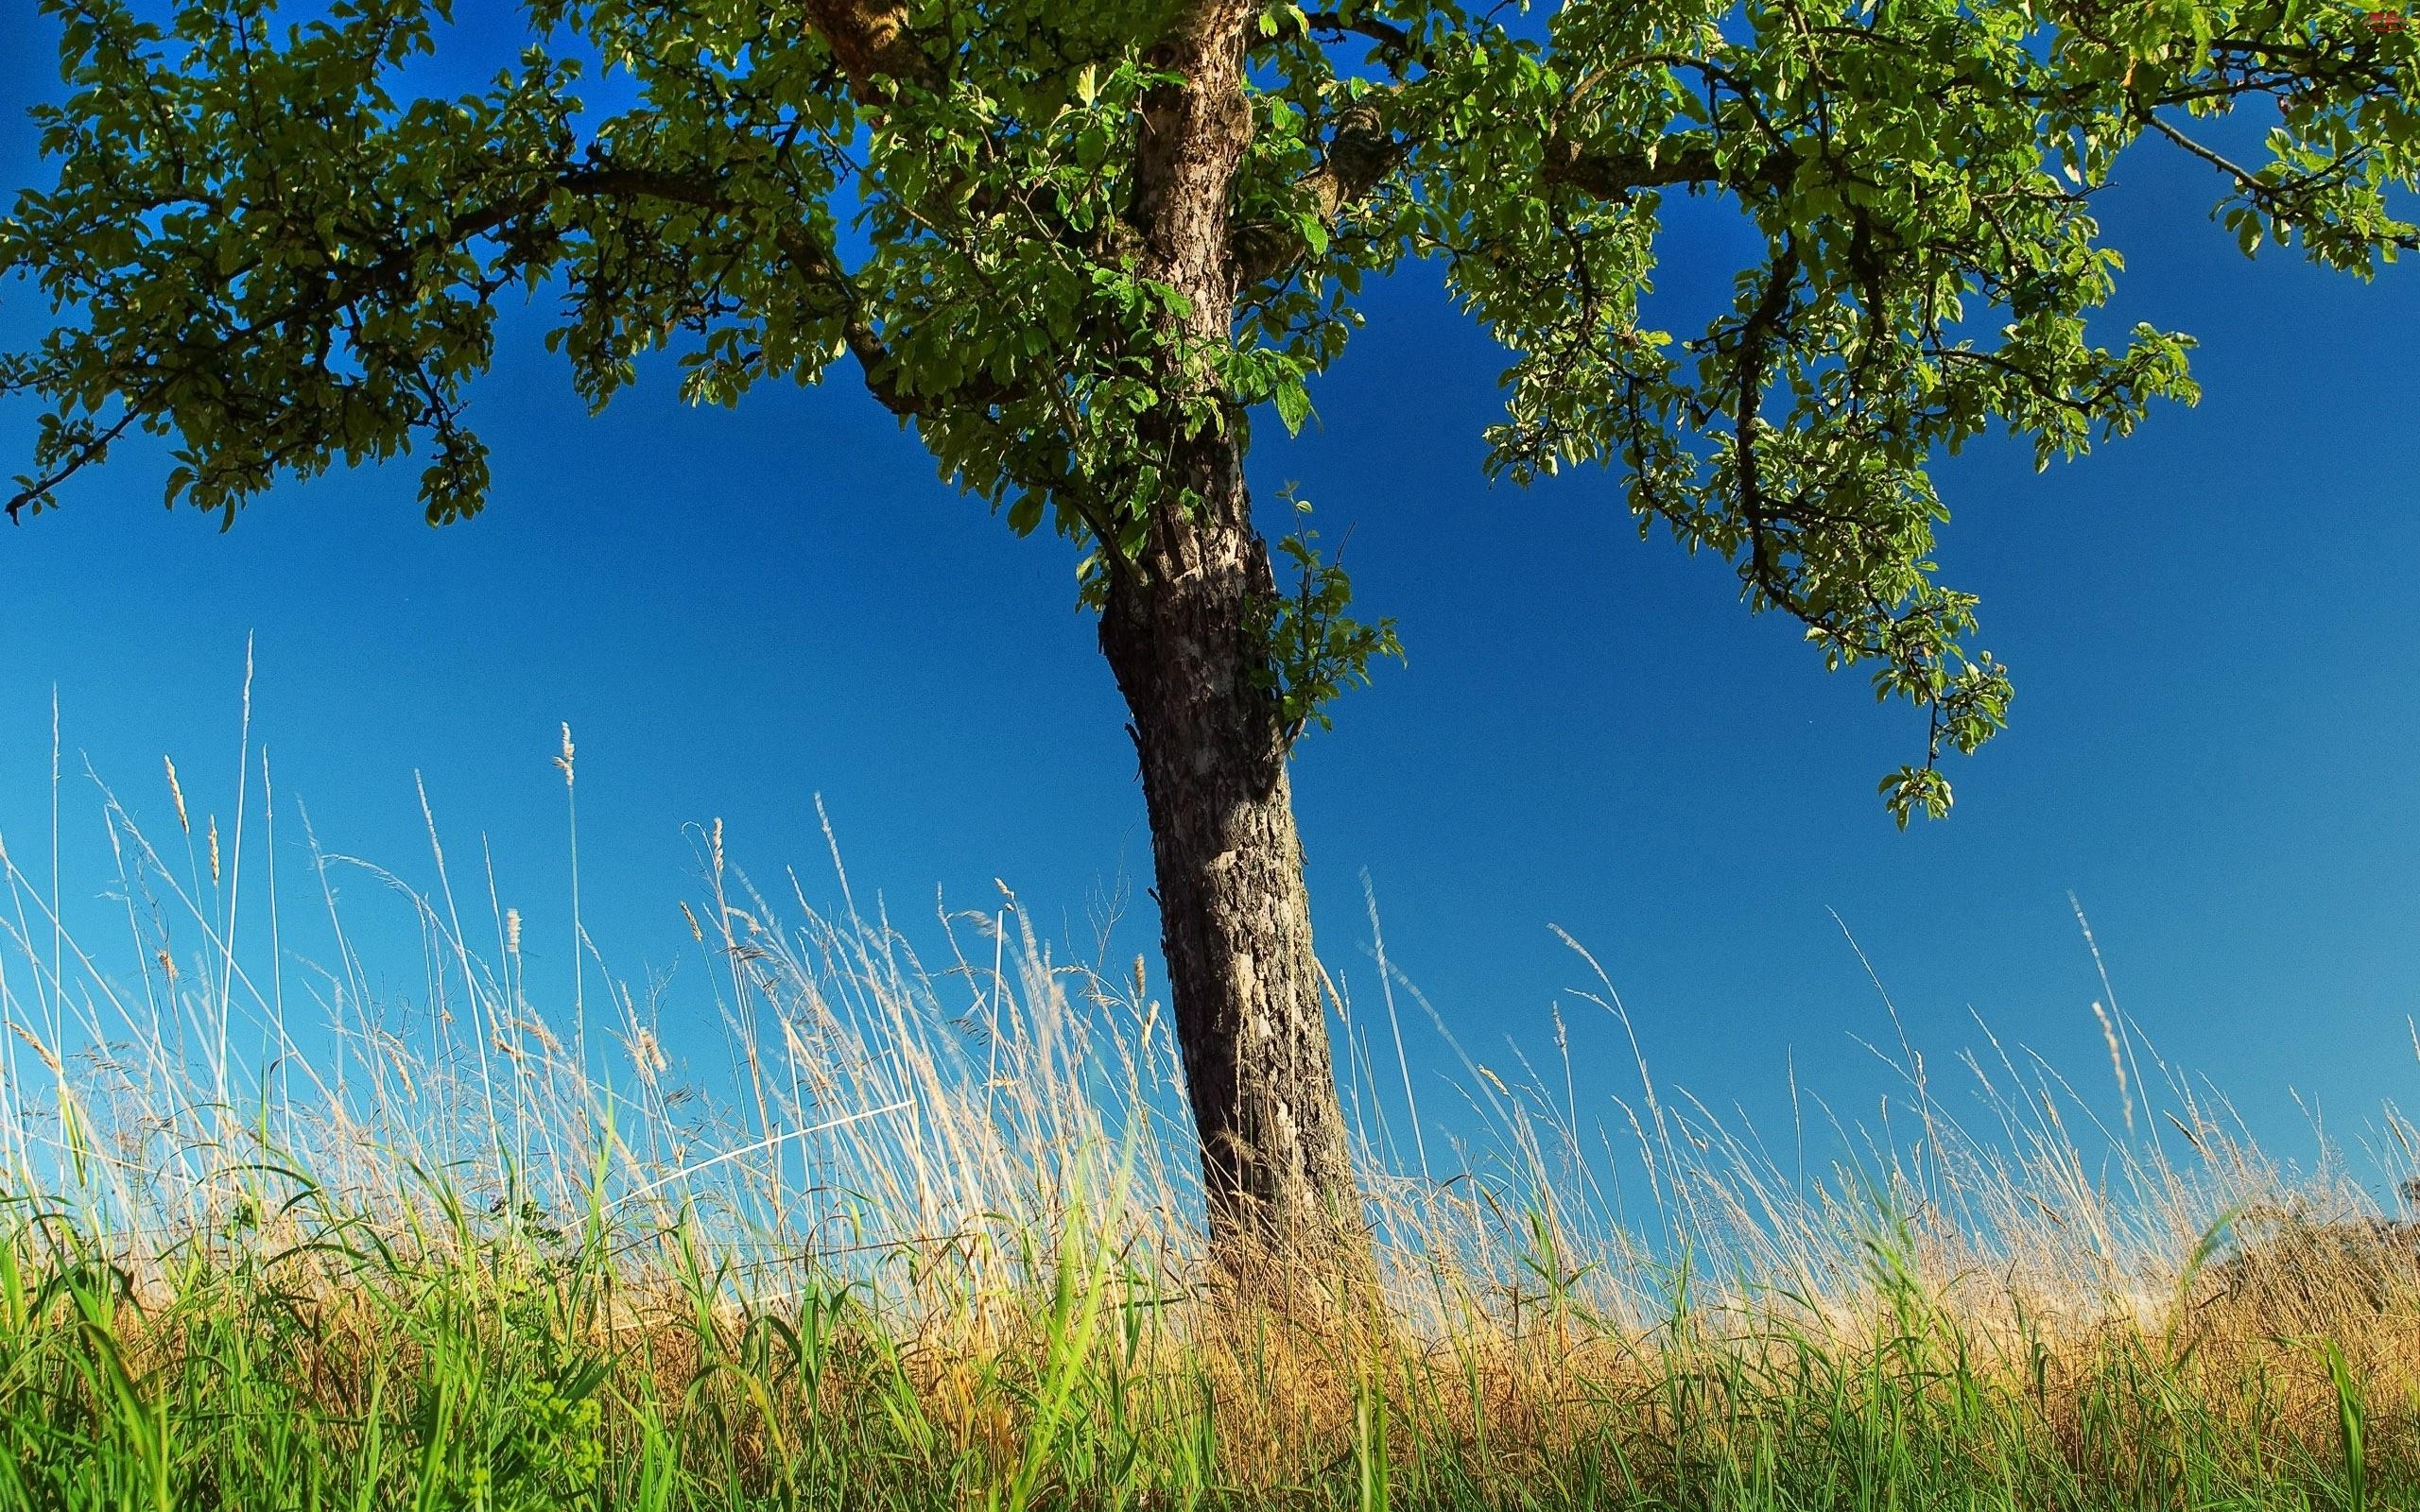 Drzewo, Nieba, Trawa, Błękit